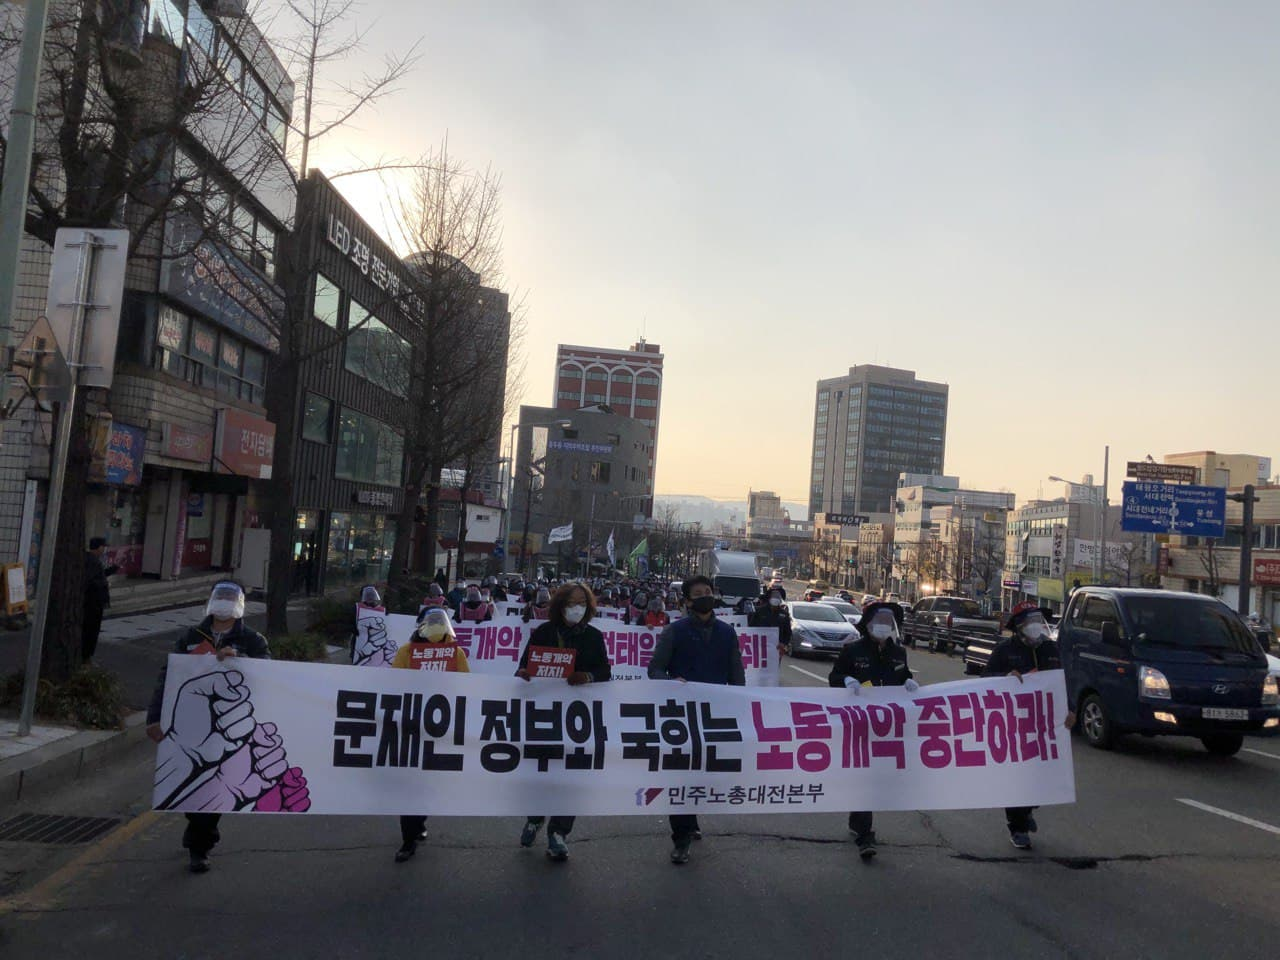 11.25 노동개악 저지, 전태일3법 쟁취! 총파업 총력투쟁 결의대회 개최